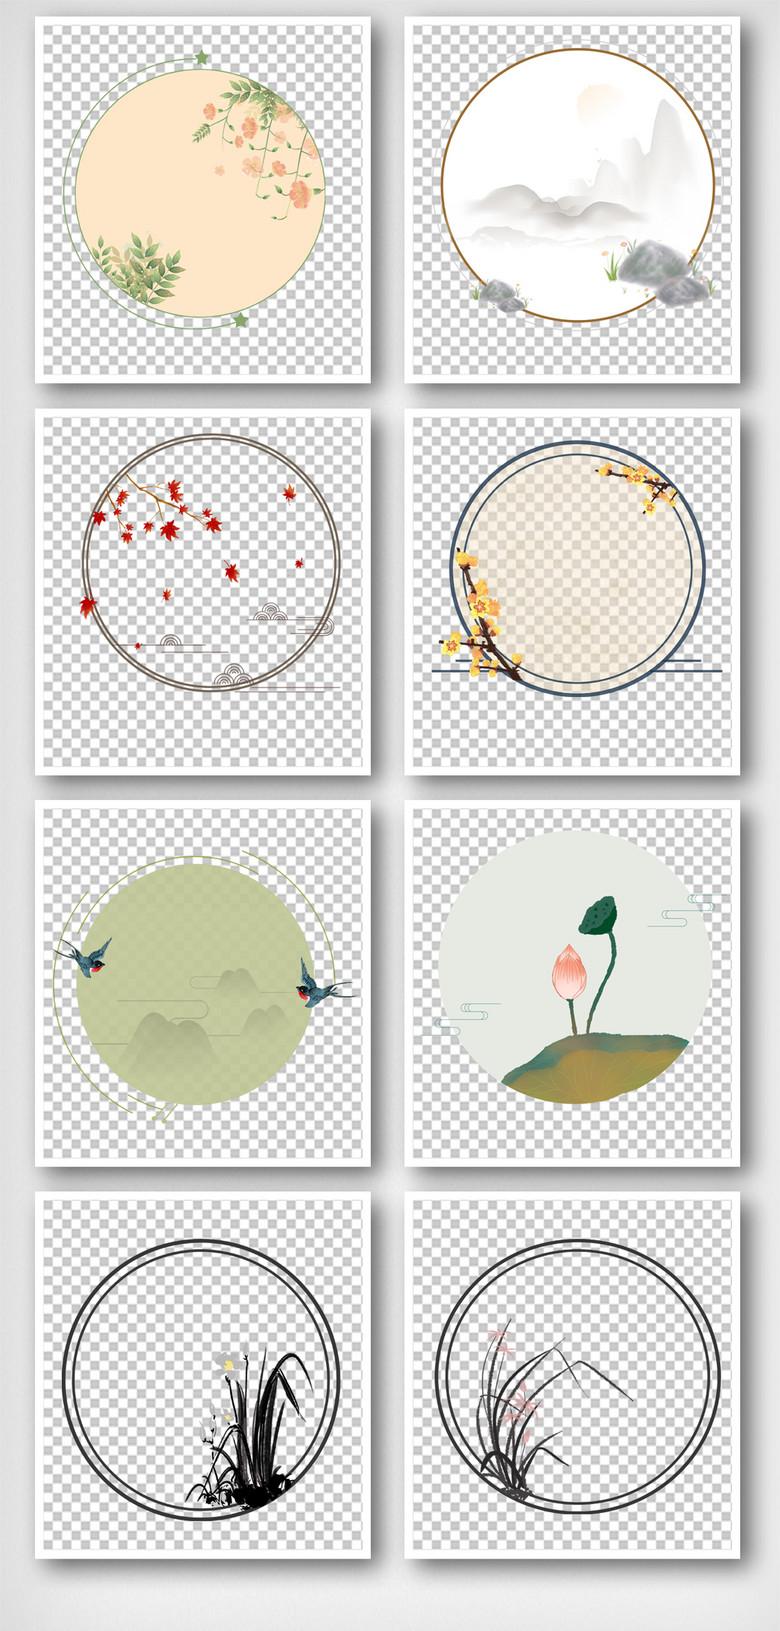 中国风水墨手抄报边框元素